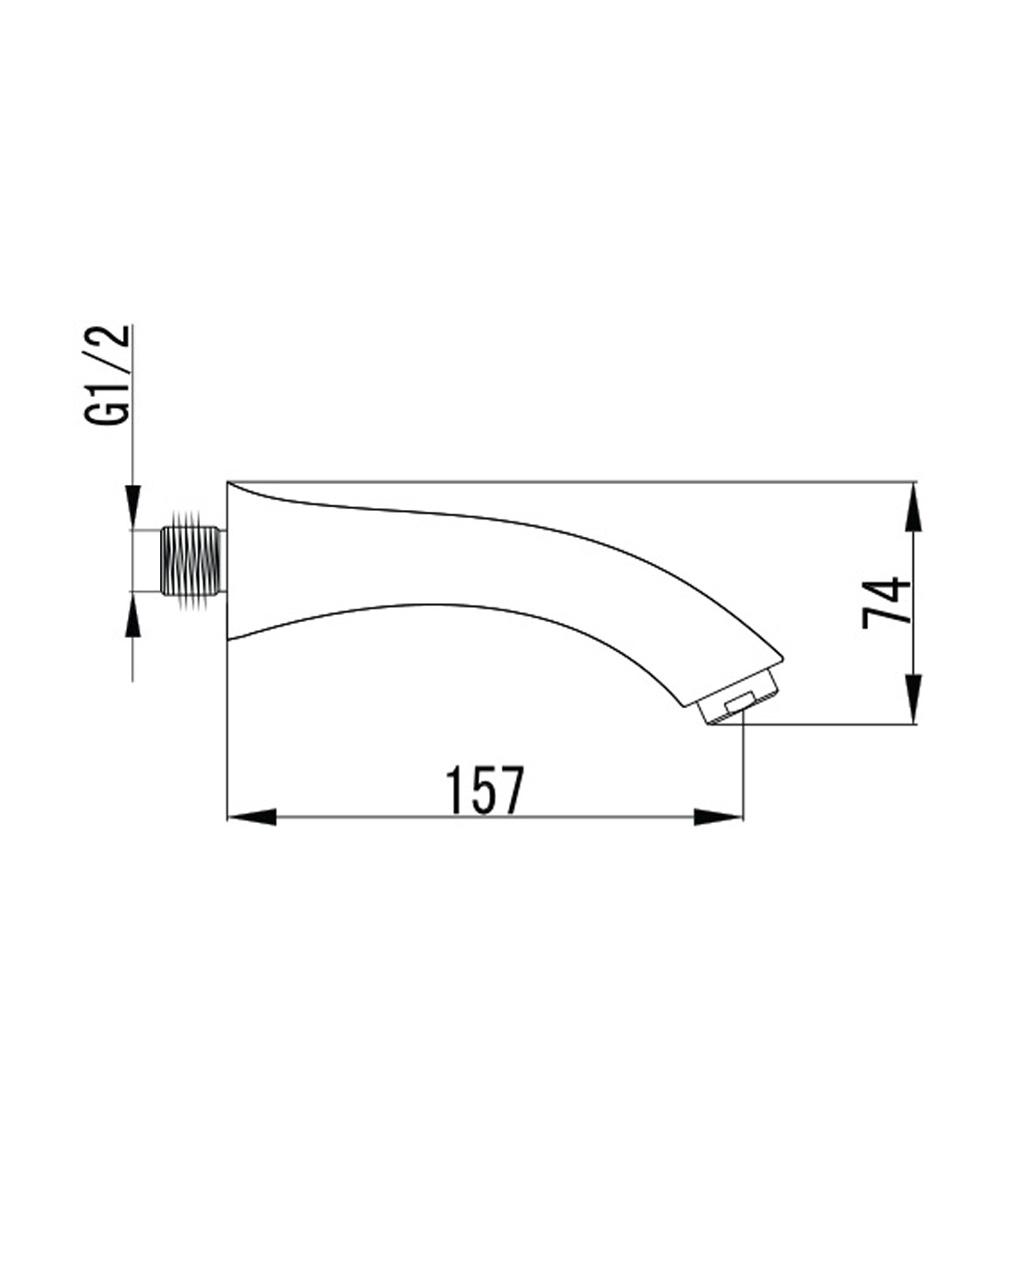 KRINICE излив для смесителя скрытого монтажа для ванны VR-10110(N) IMPRESE